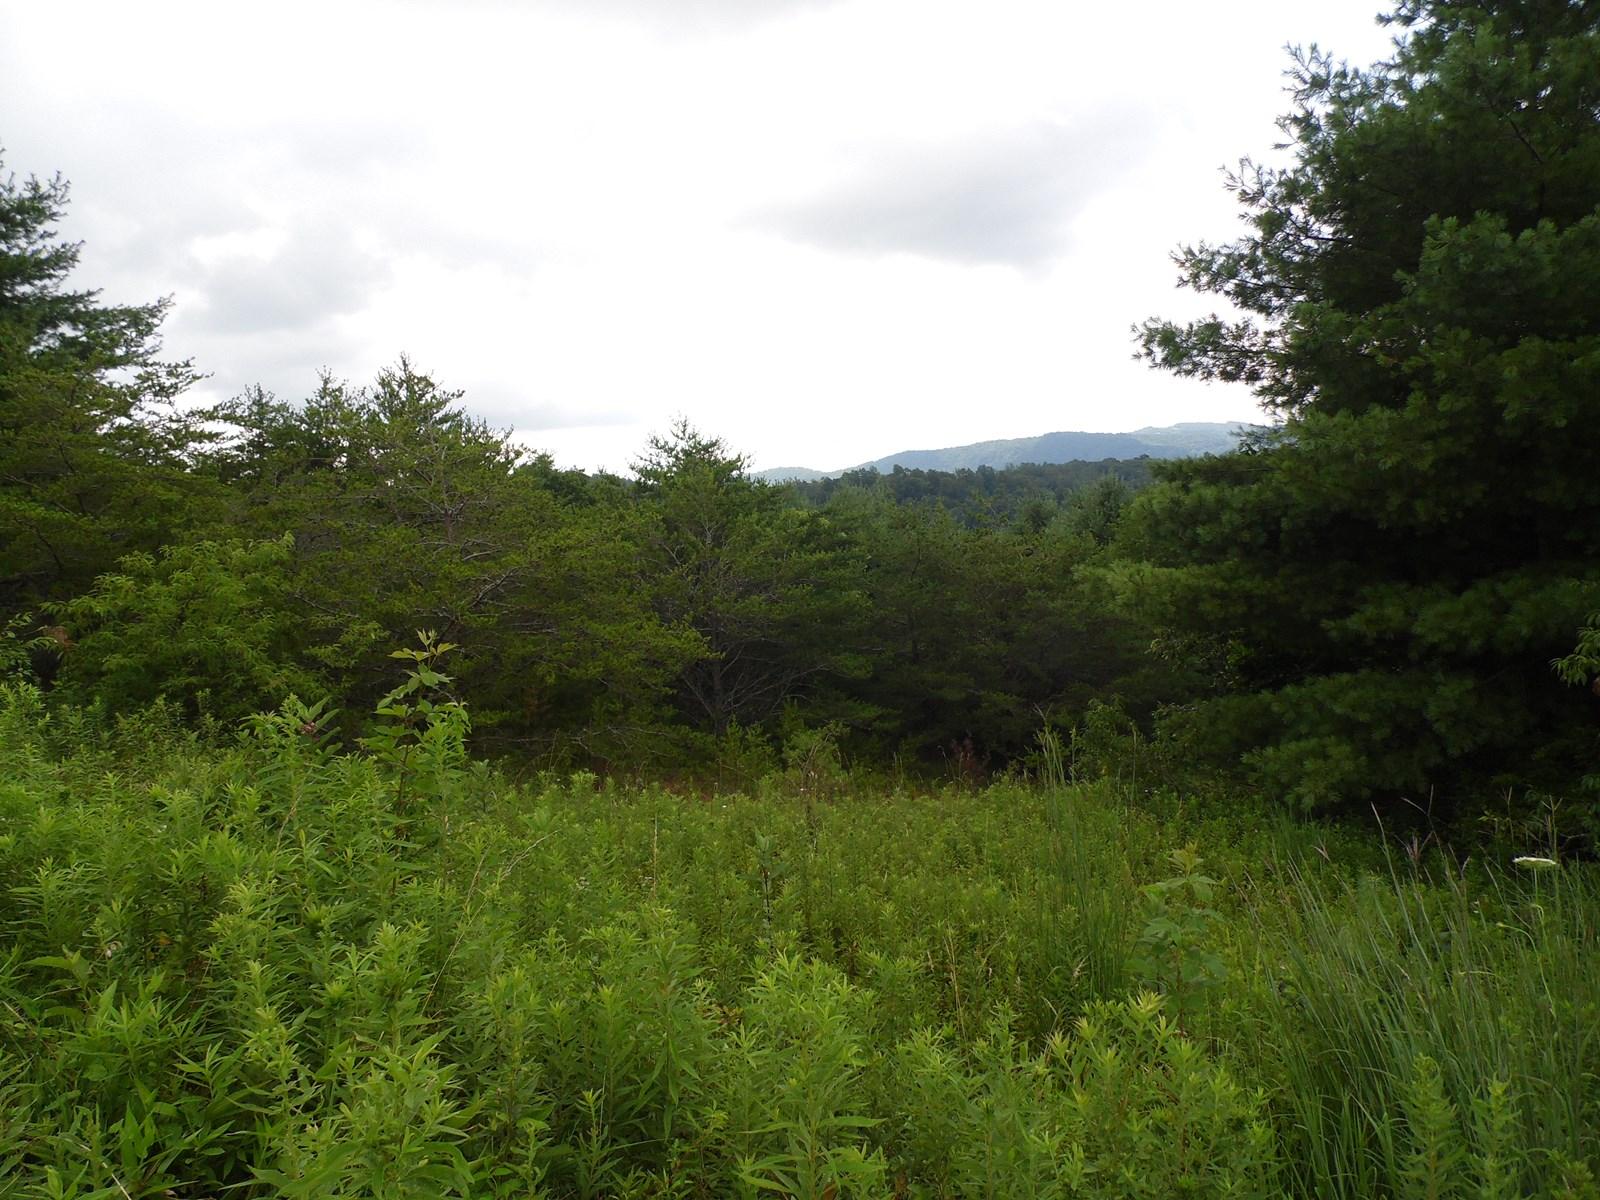 Long Range View, Mountain View, Pastoral View